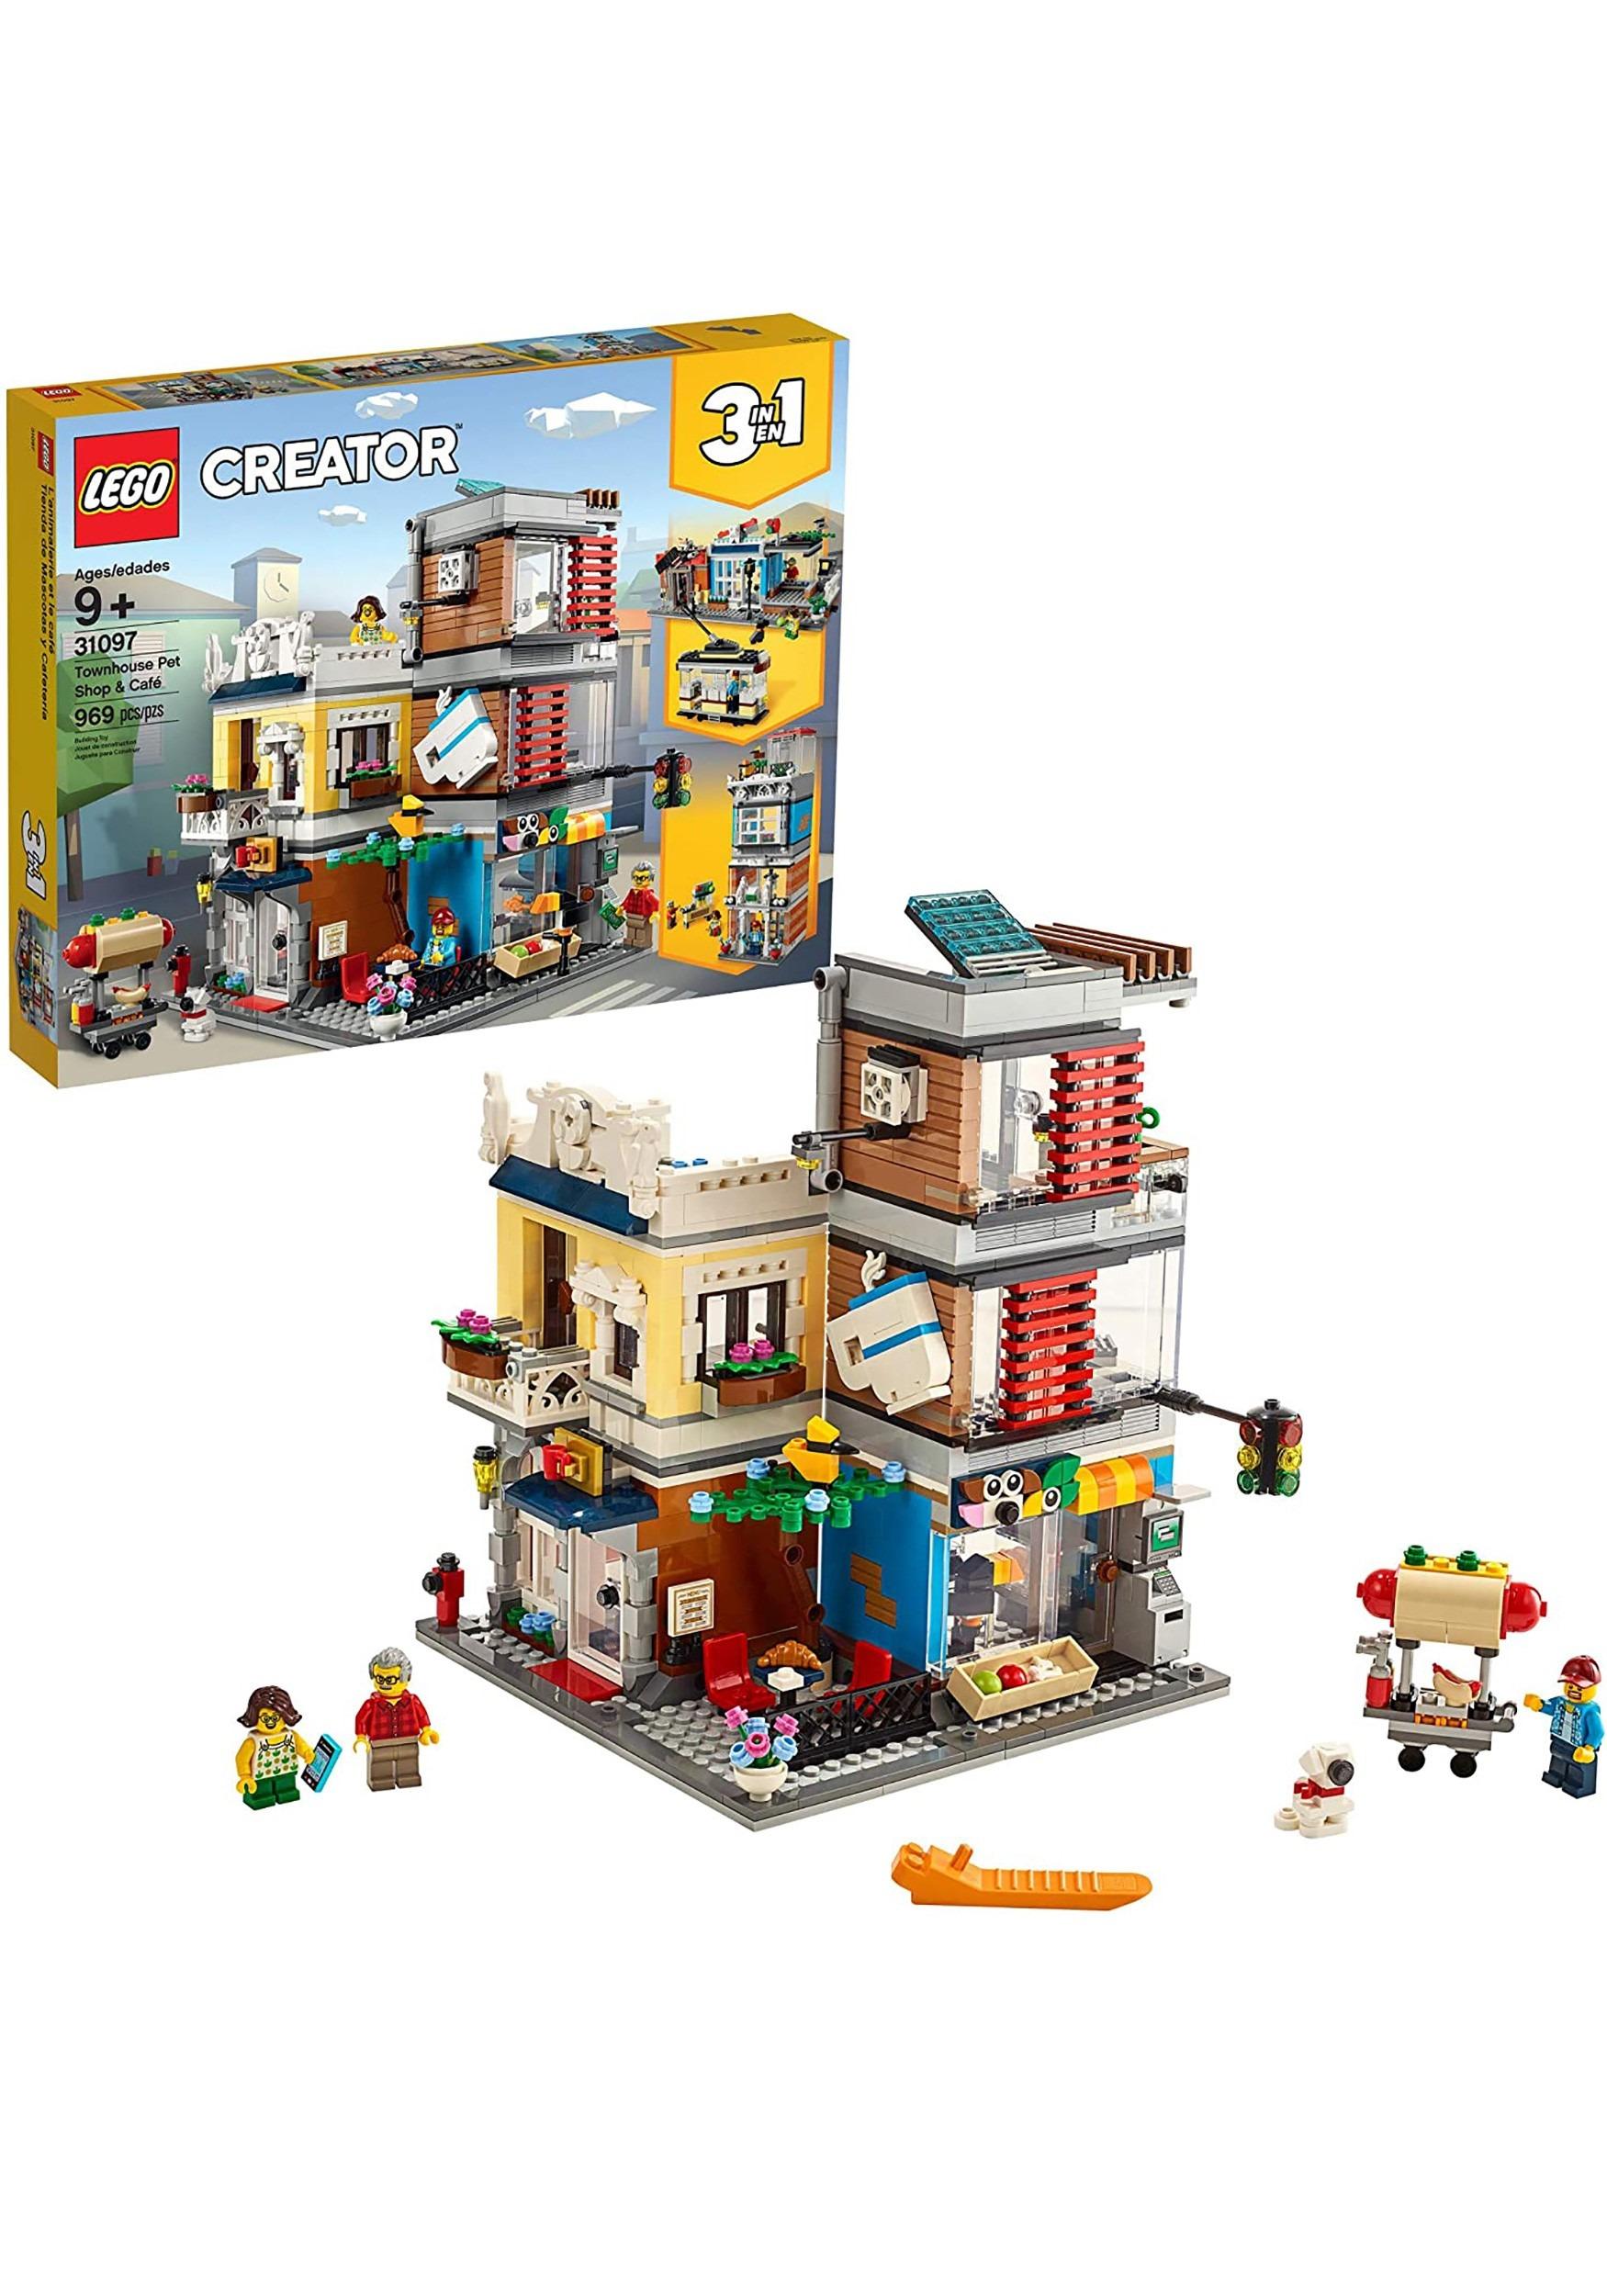 LEGO Creator Townhouse Pet Shop & Café Building Set